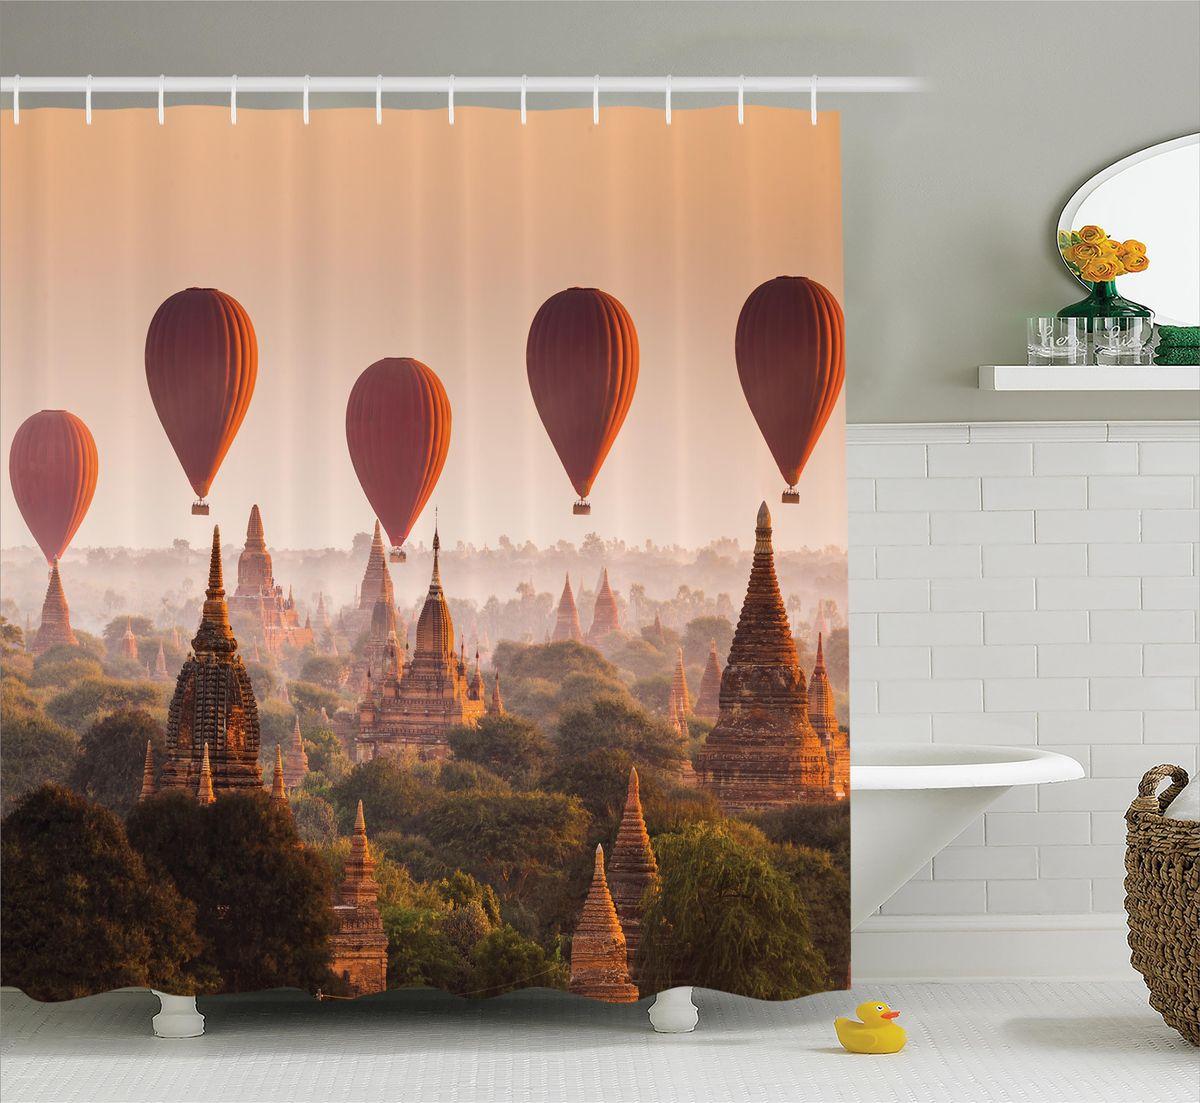 Штора для ванной комнаты Magic Lady Воздушные шары над древним городом, 180 х 200 см фотоштора для ванной утка принимает душ magic lady 180 х 200 см